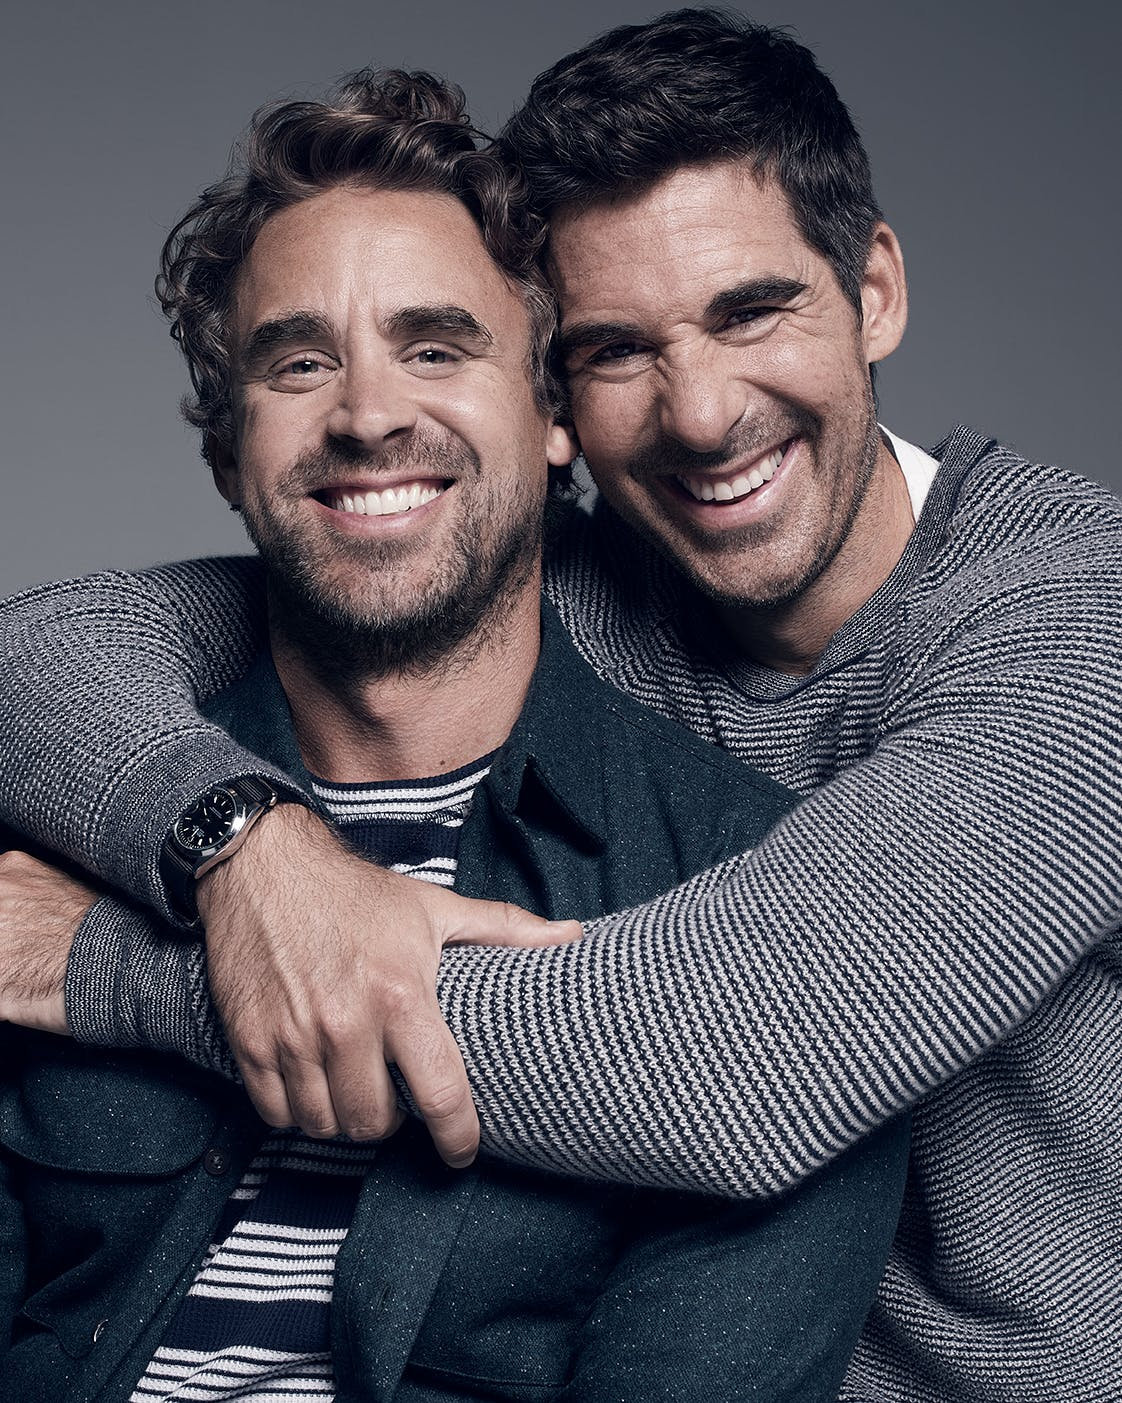 Bobby & Matt